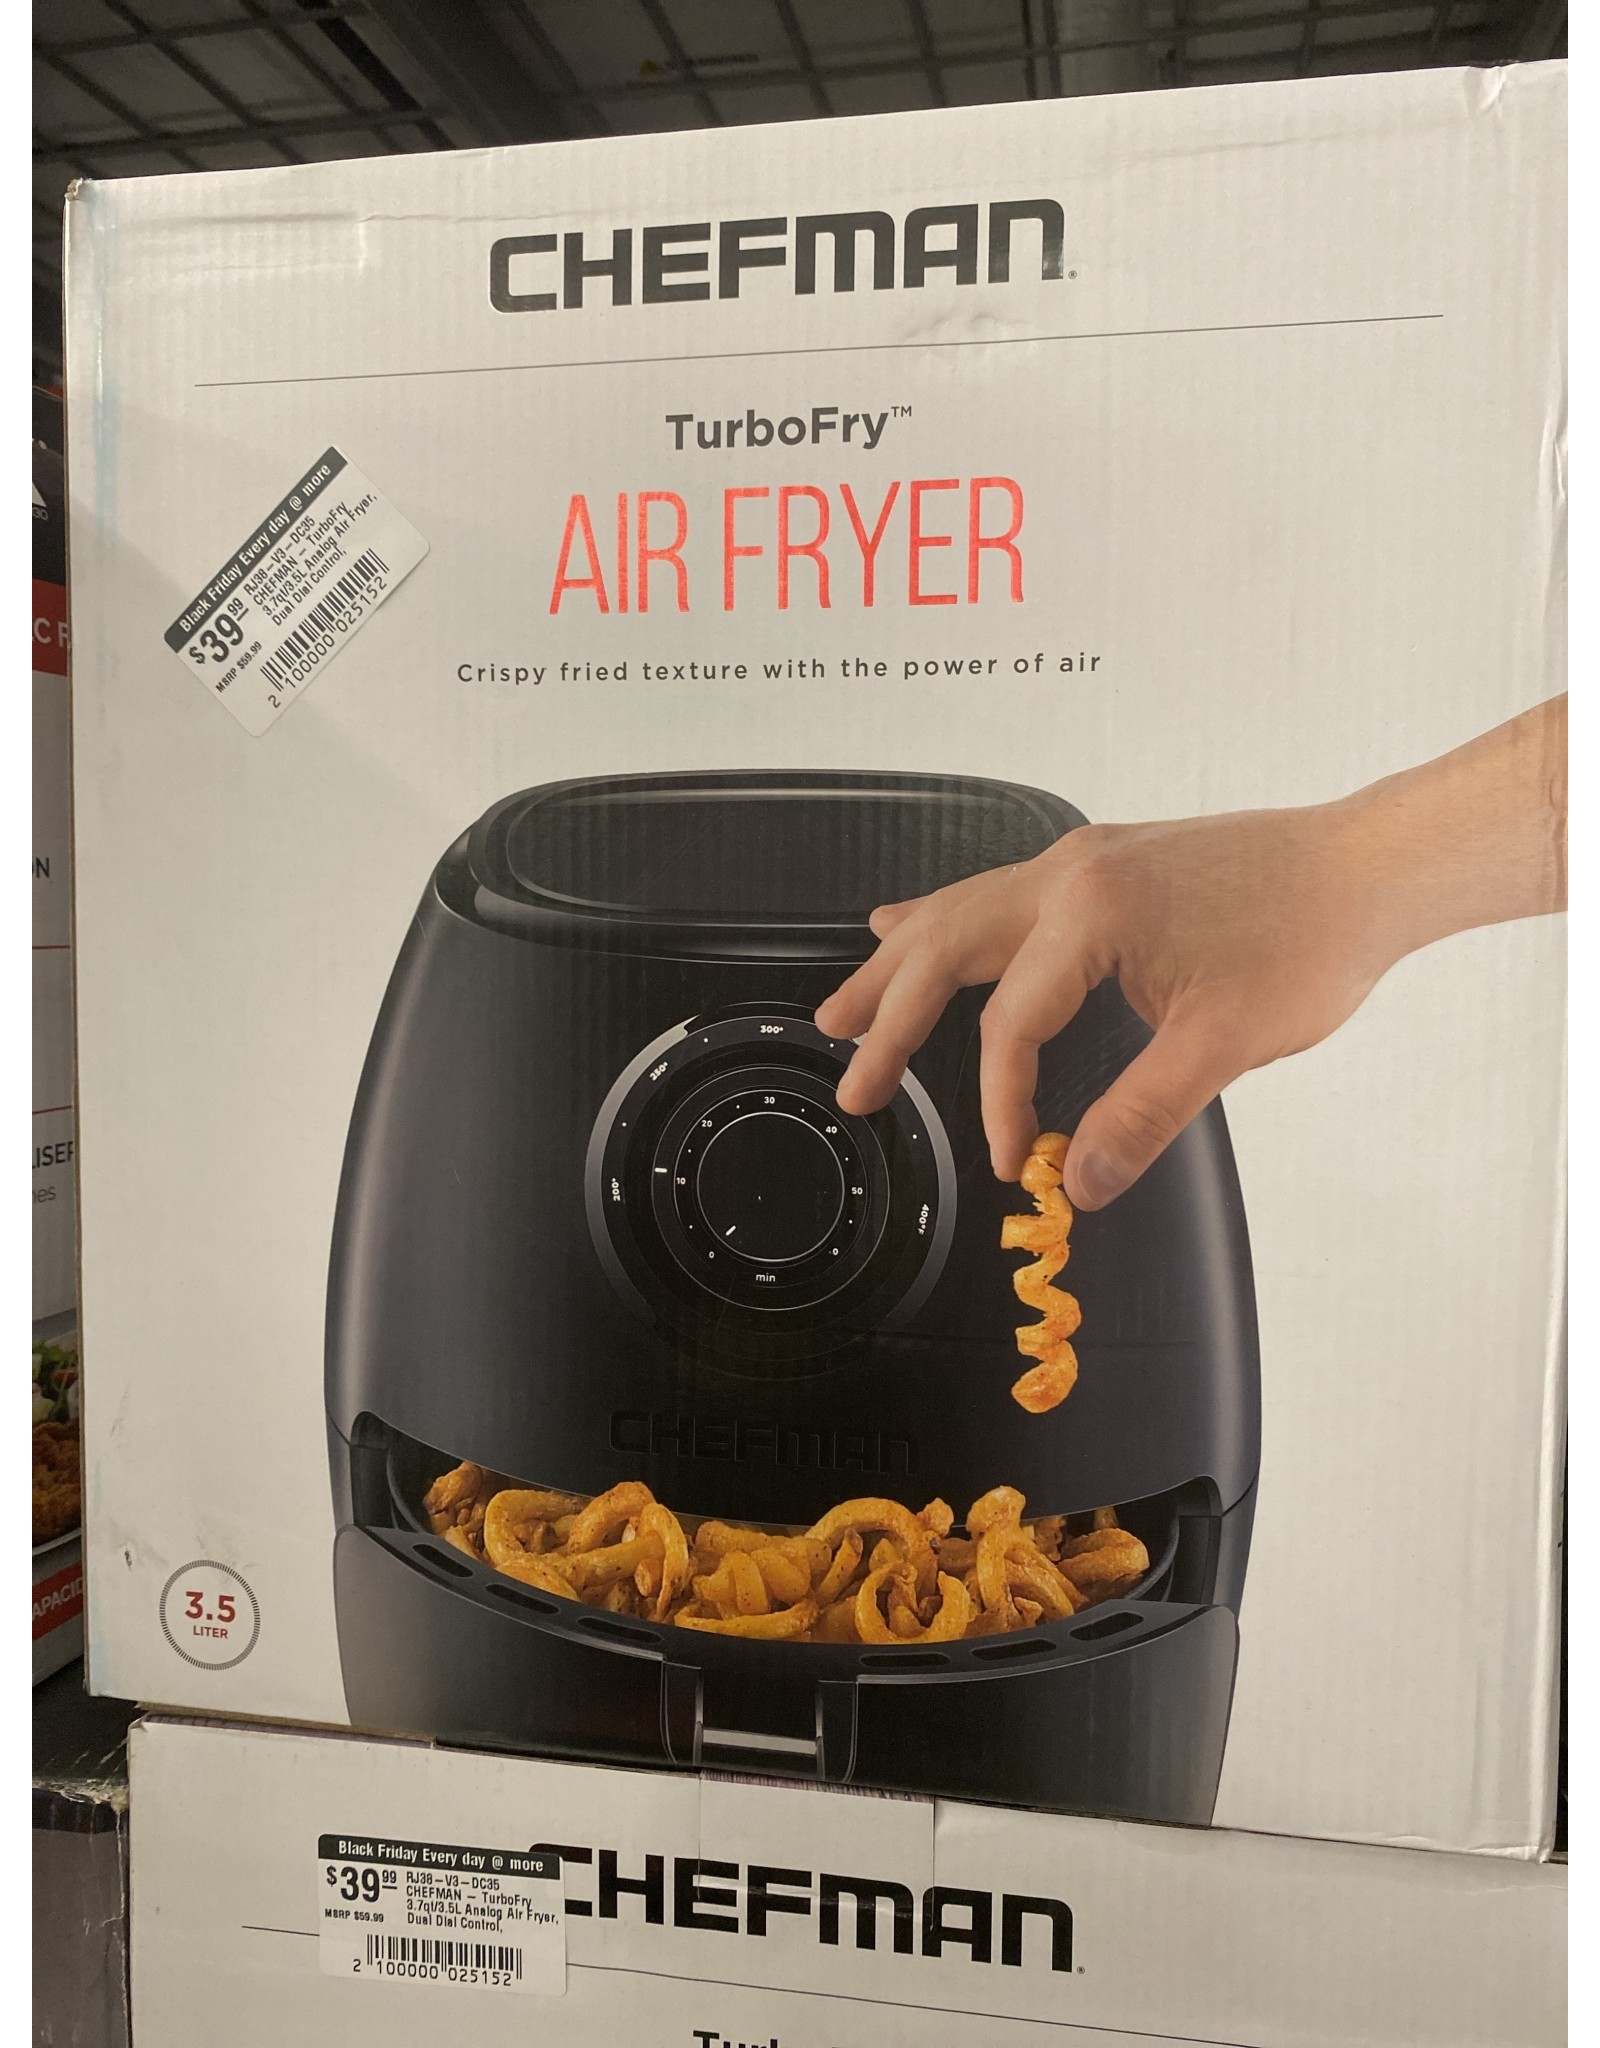 CHEFMAN RJ38-V3-DC35 CHEFMAN - TurboFry 3.7qt/3.5L Analog Air Fryer, Dual Dial Control, Dishwasher-Safe Basket - Black